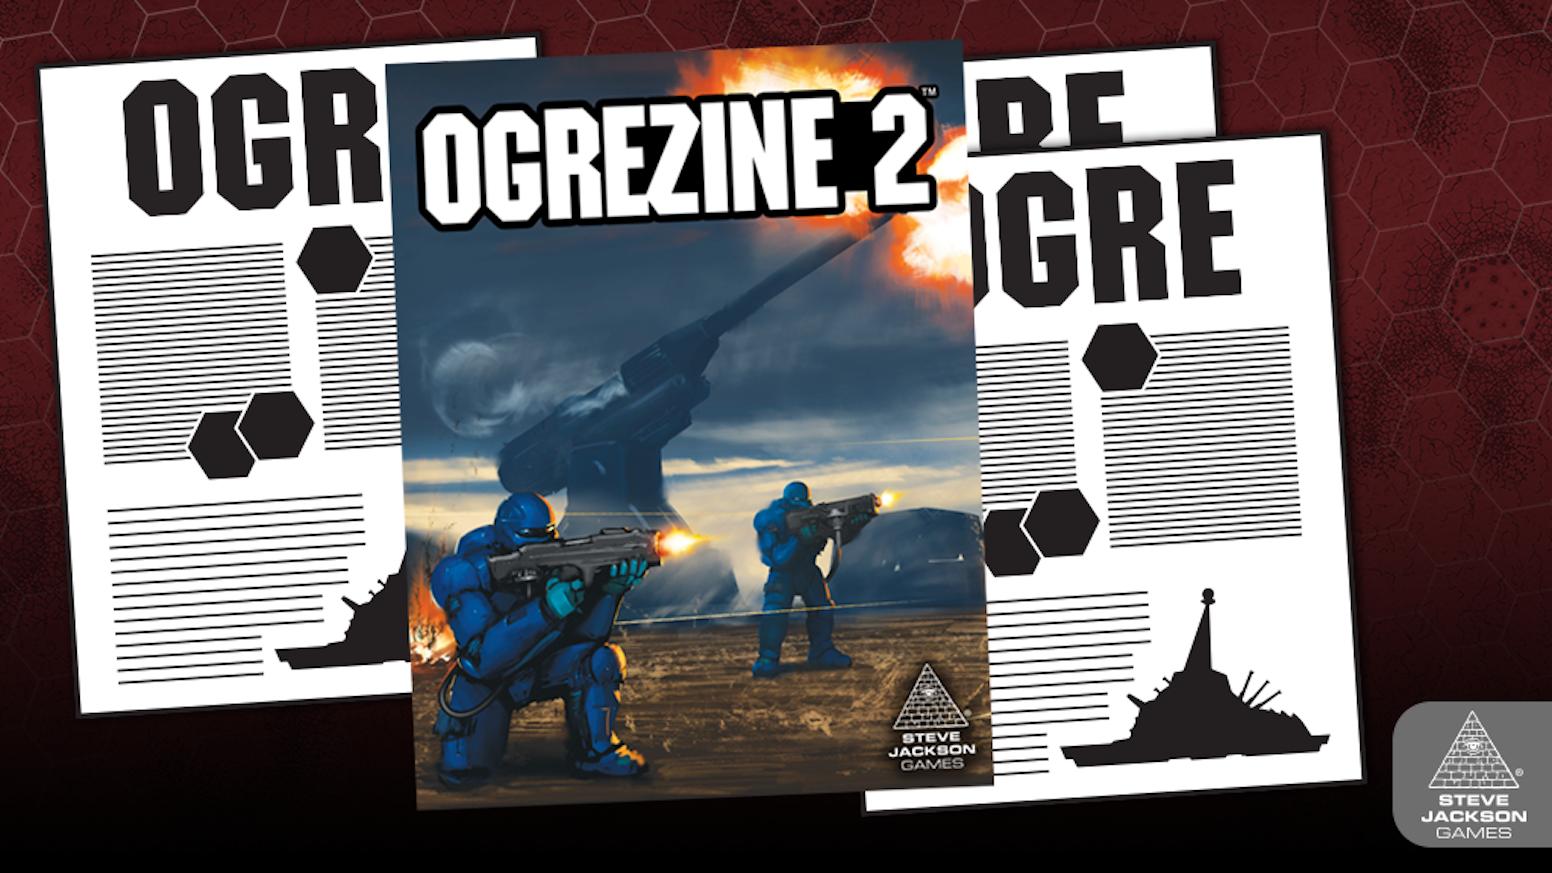 Ogrezine 2 - The Ogre Magazine by Steve Jackson Games